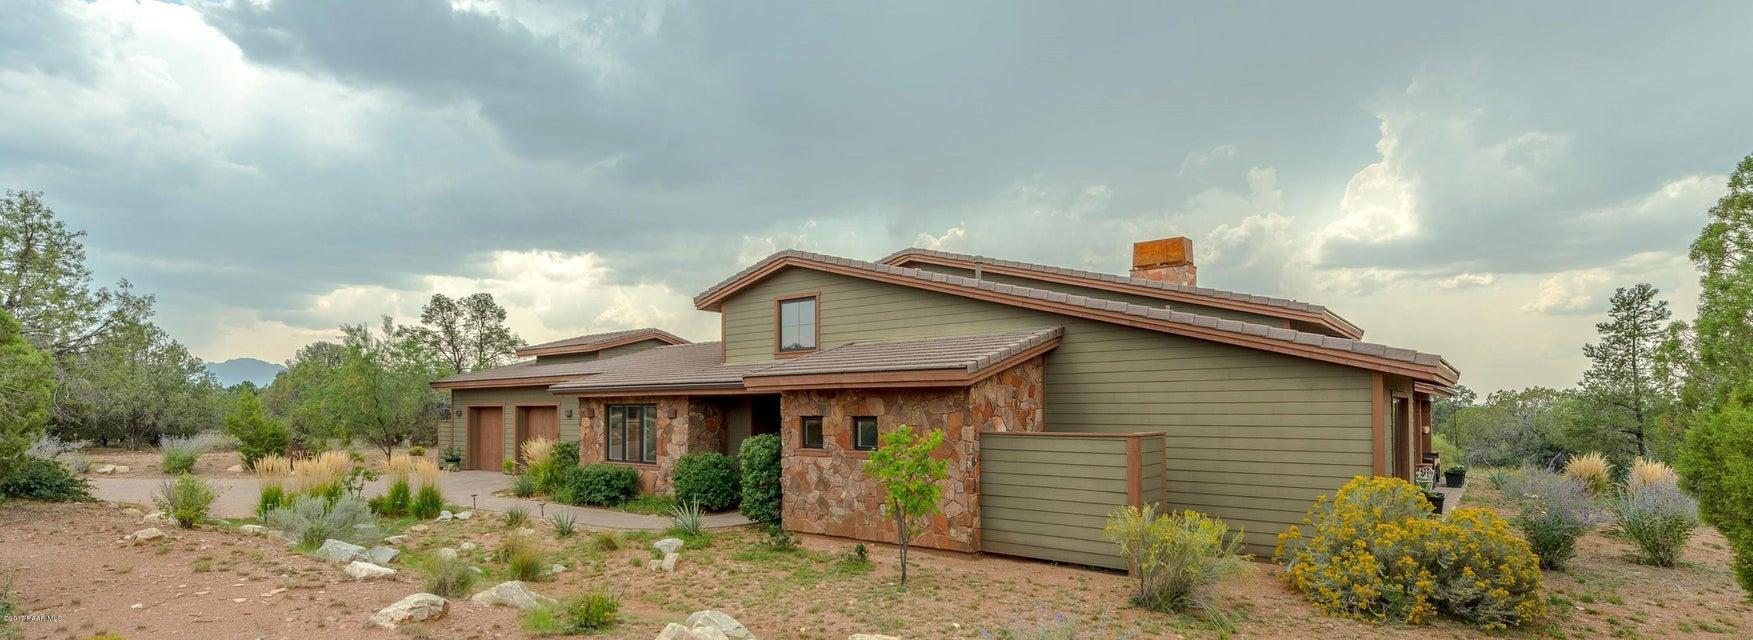 5105 W Vengeance Trail Prescott, AZ 86305 - MLS #: 1006616